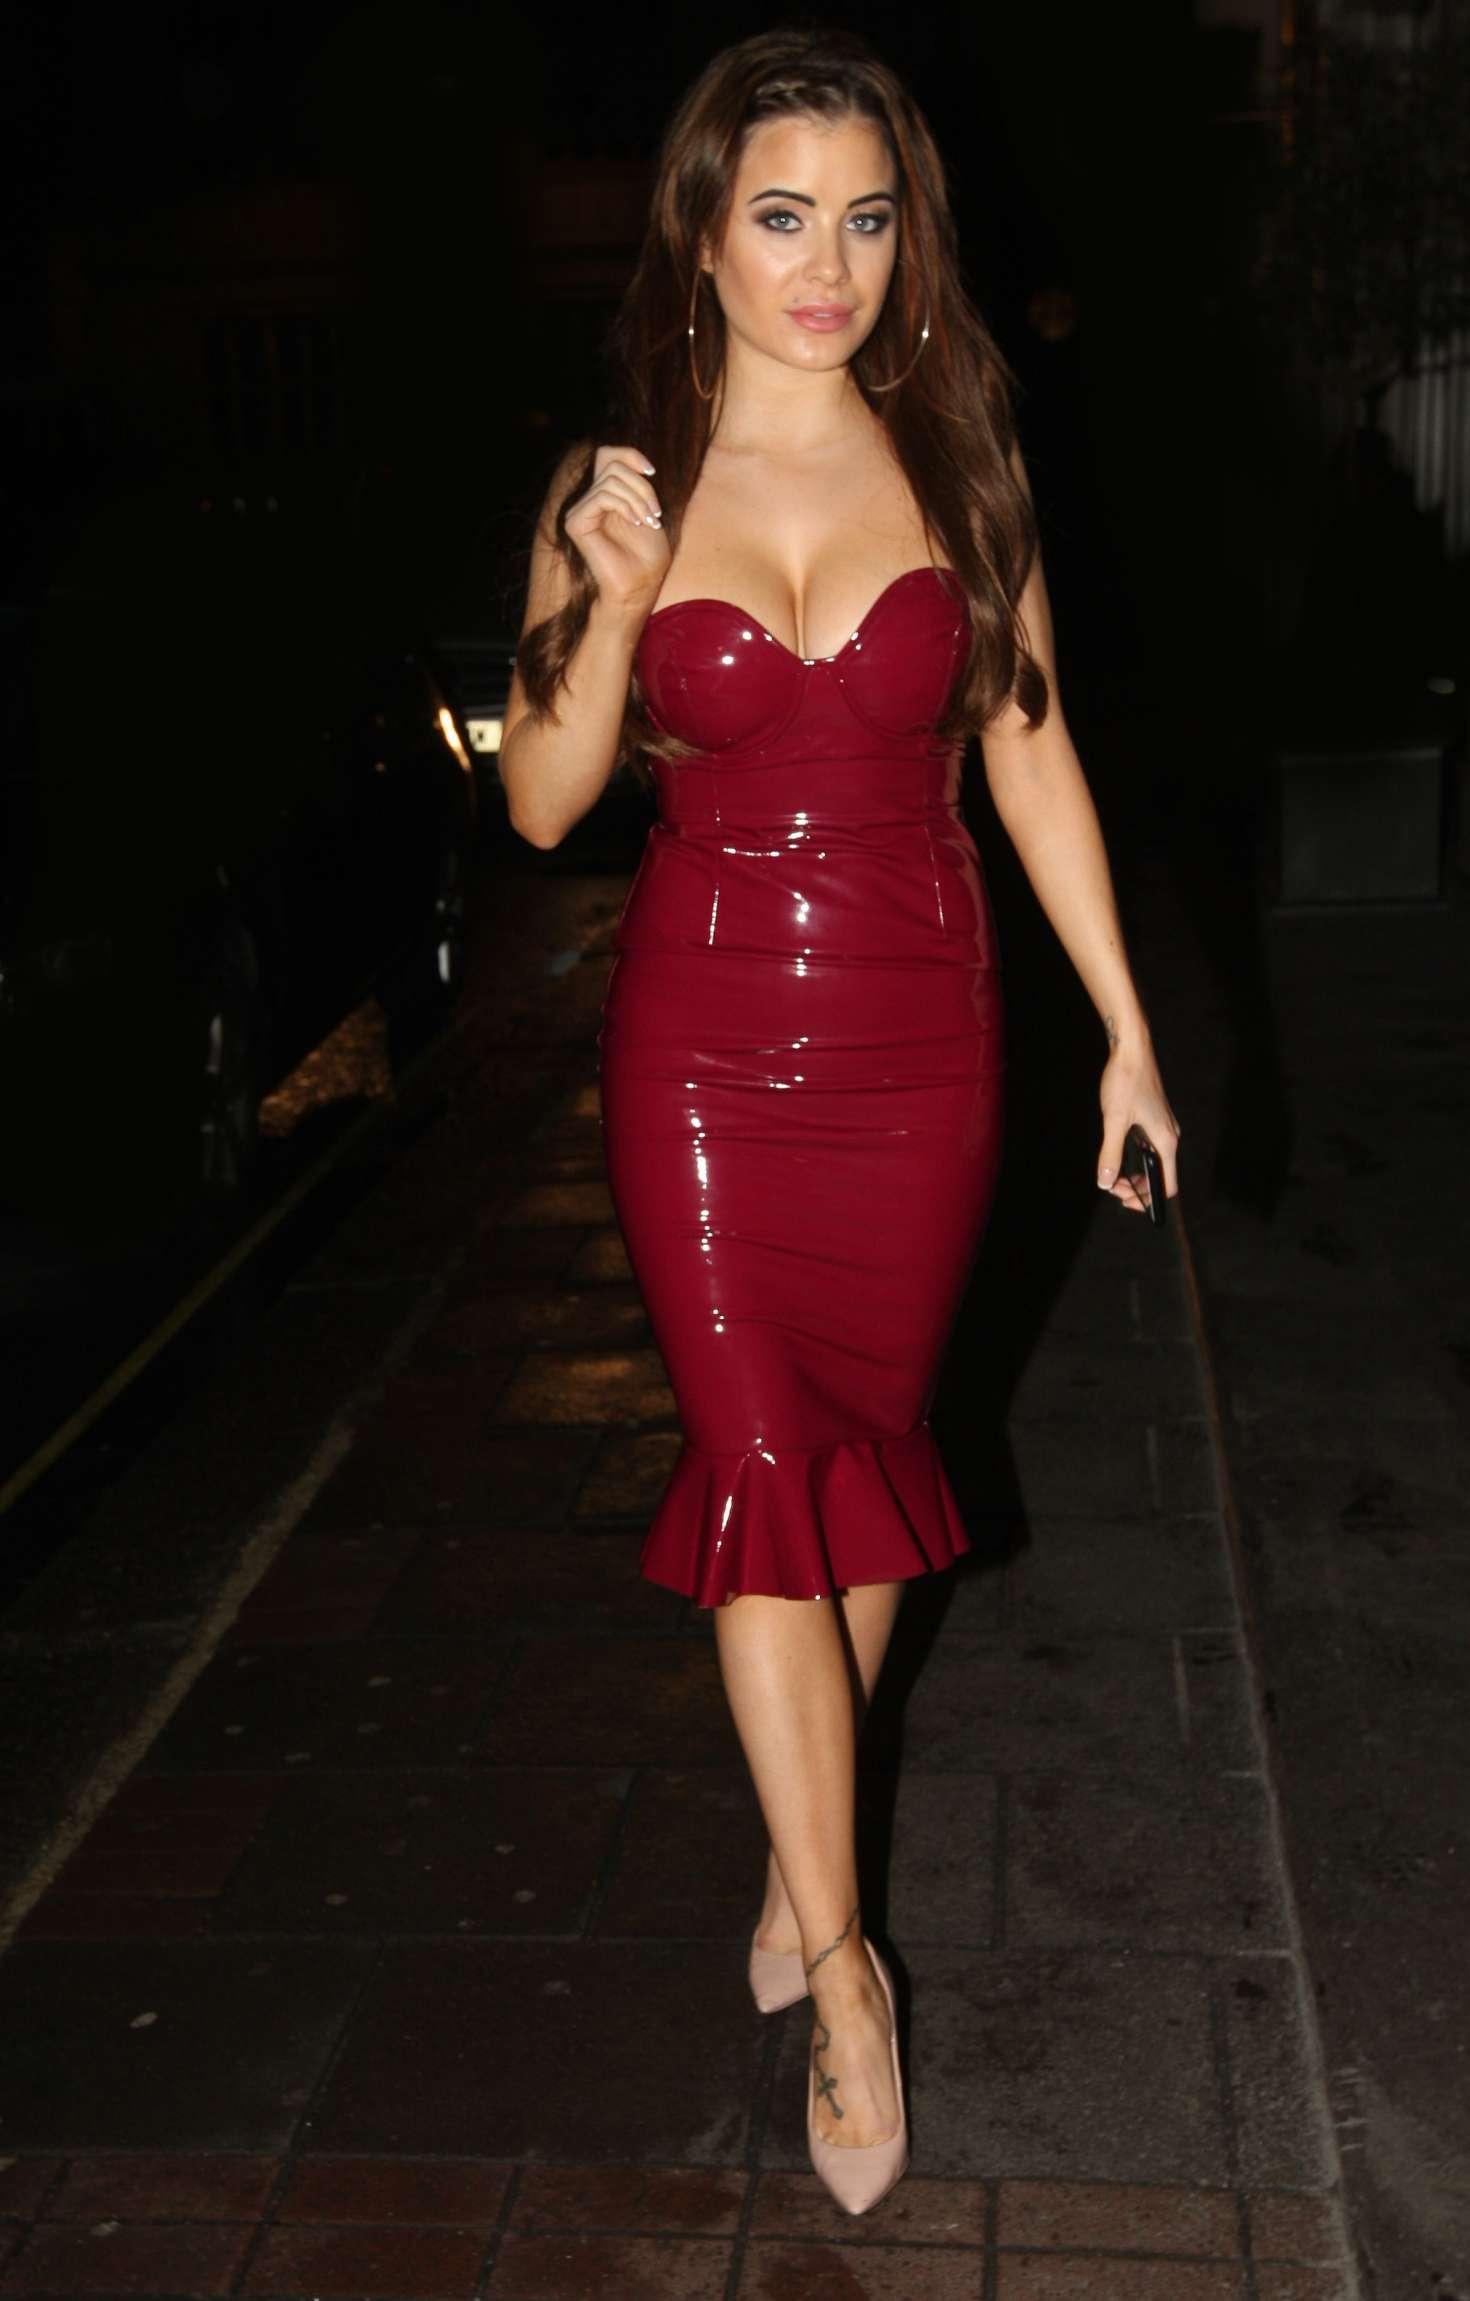 Carla Howe in Red Latex Dress -02 - GotCeleb